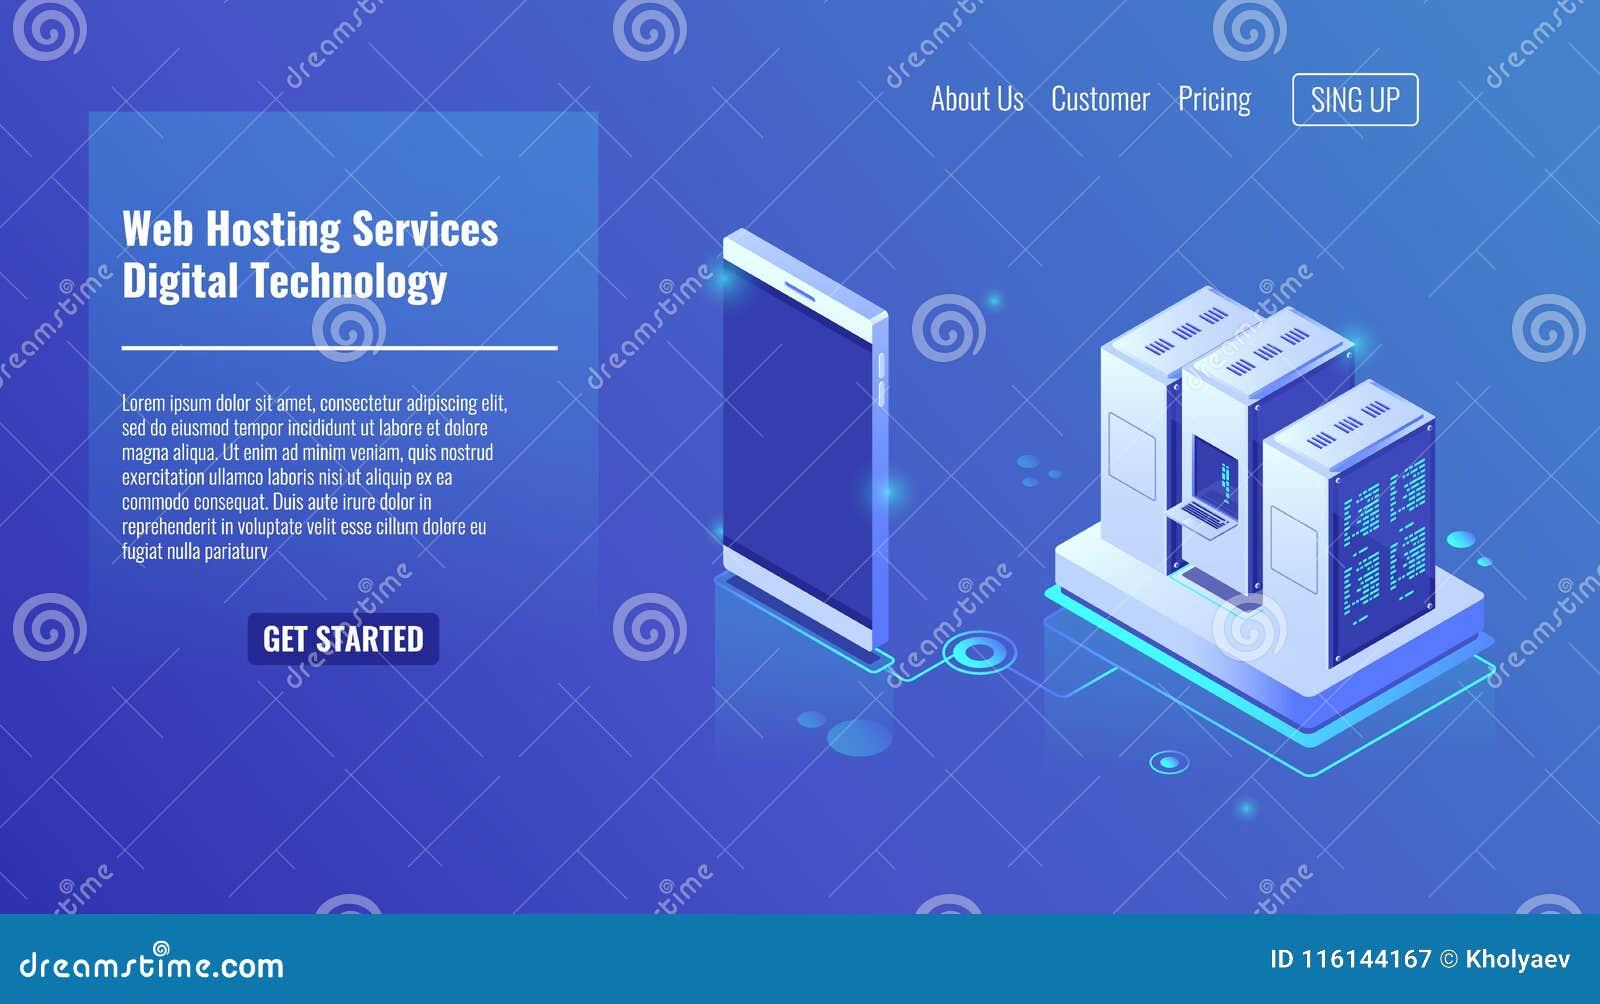 Web-Hosting-Dienstleistungen, isometrischer Serverraumvektor, Digitaltechnik, Servergestell, Abwehrdatei auf dem Wolkenspeicher,